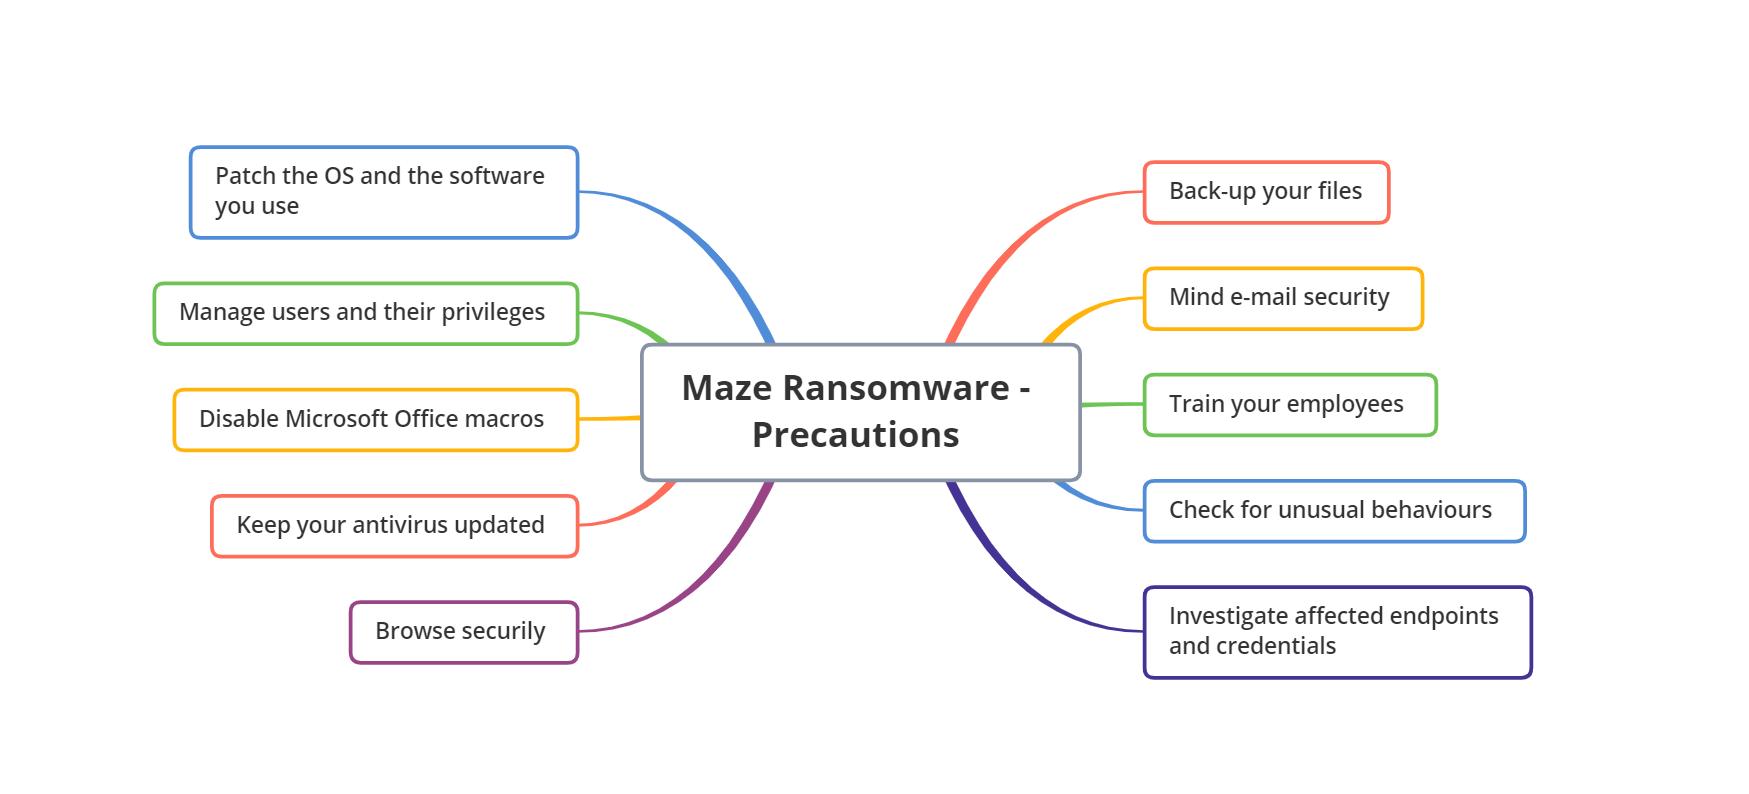 maze ransomware - precautions